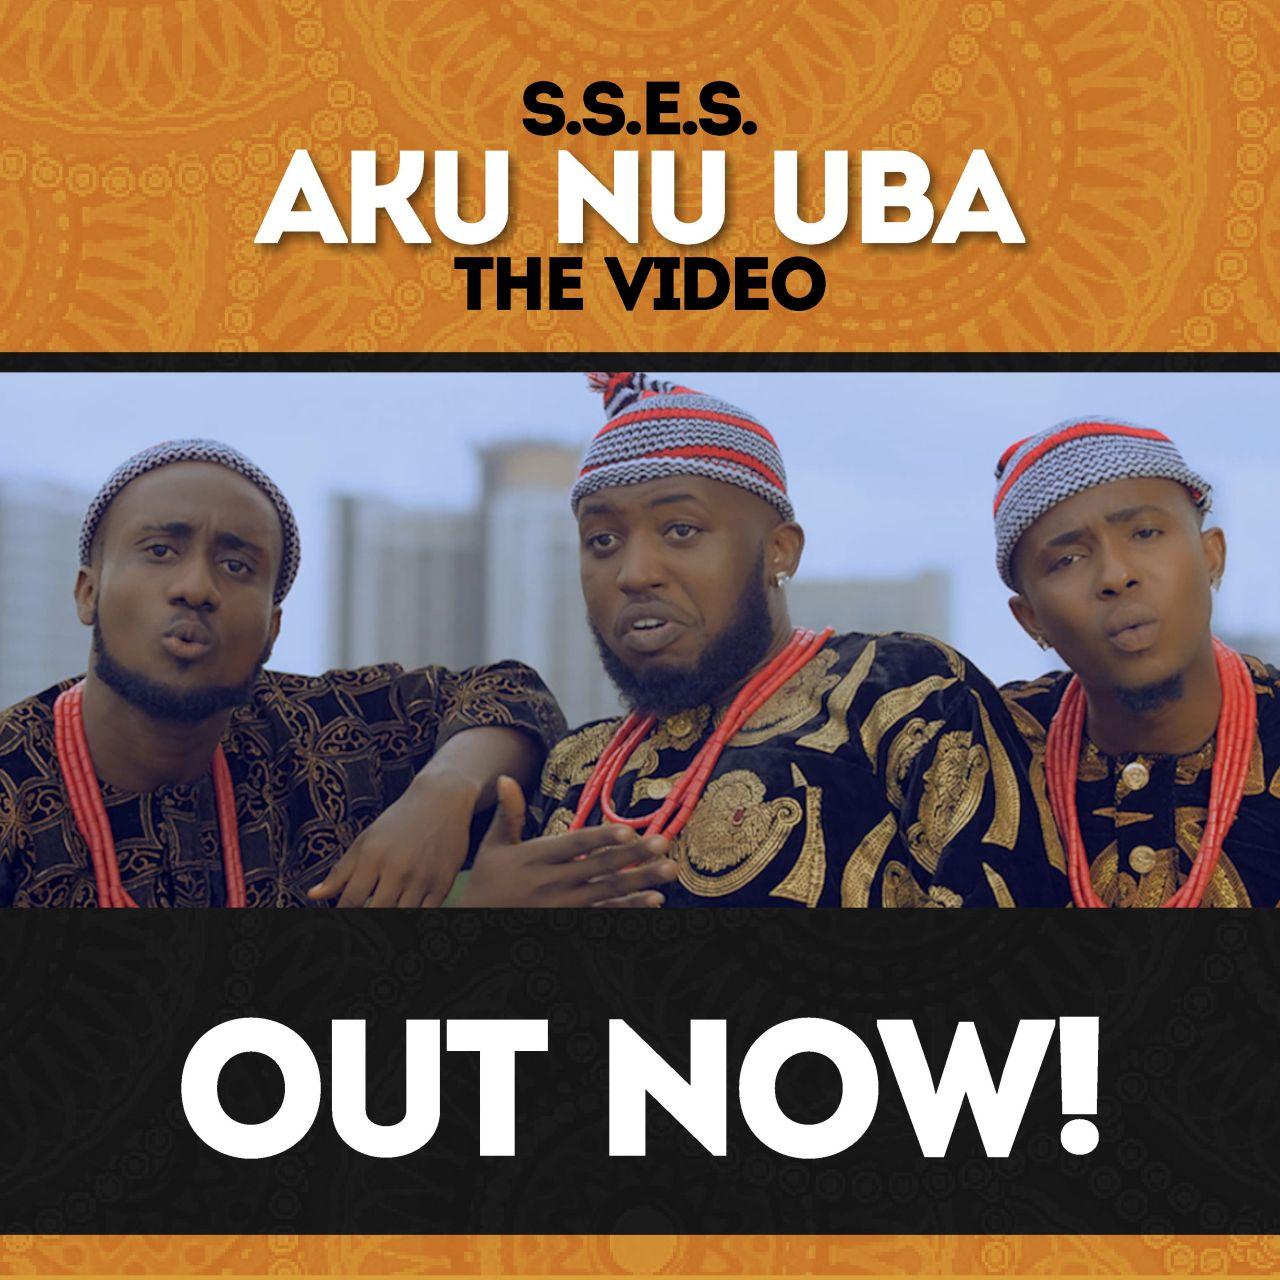 VIDEO: SSES - Aku N' Uba